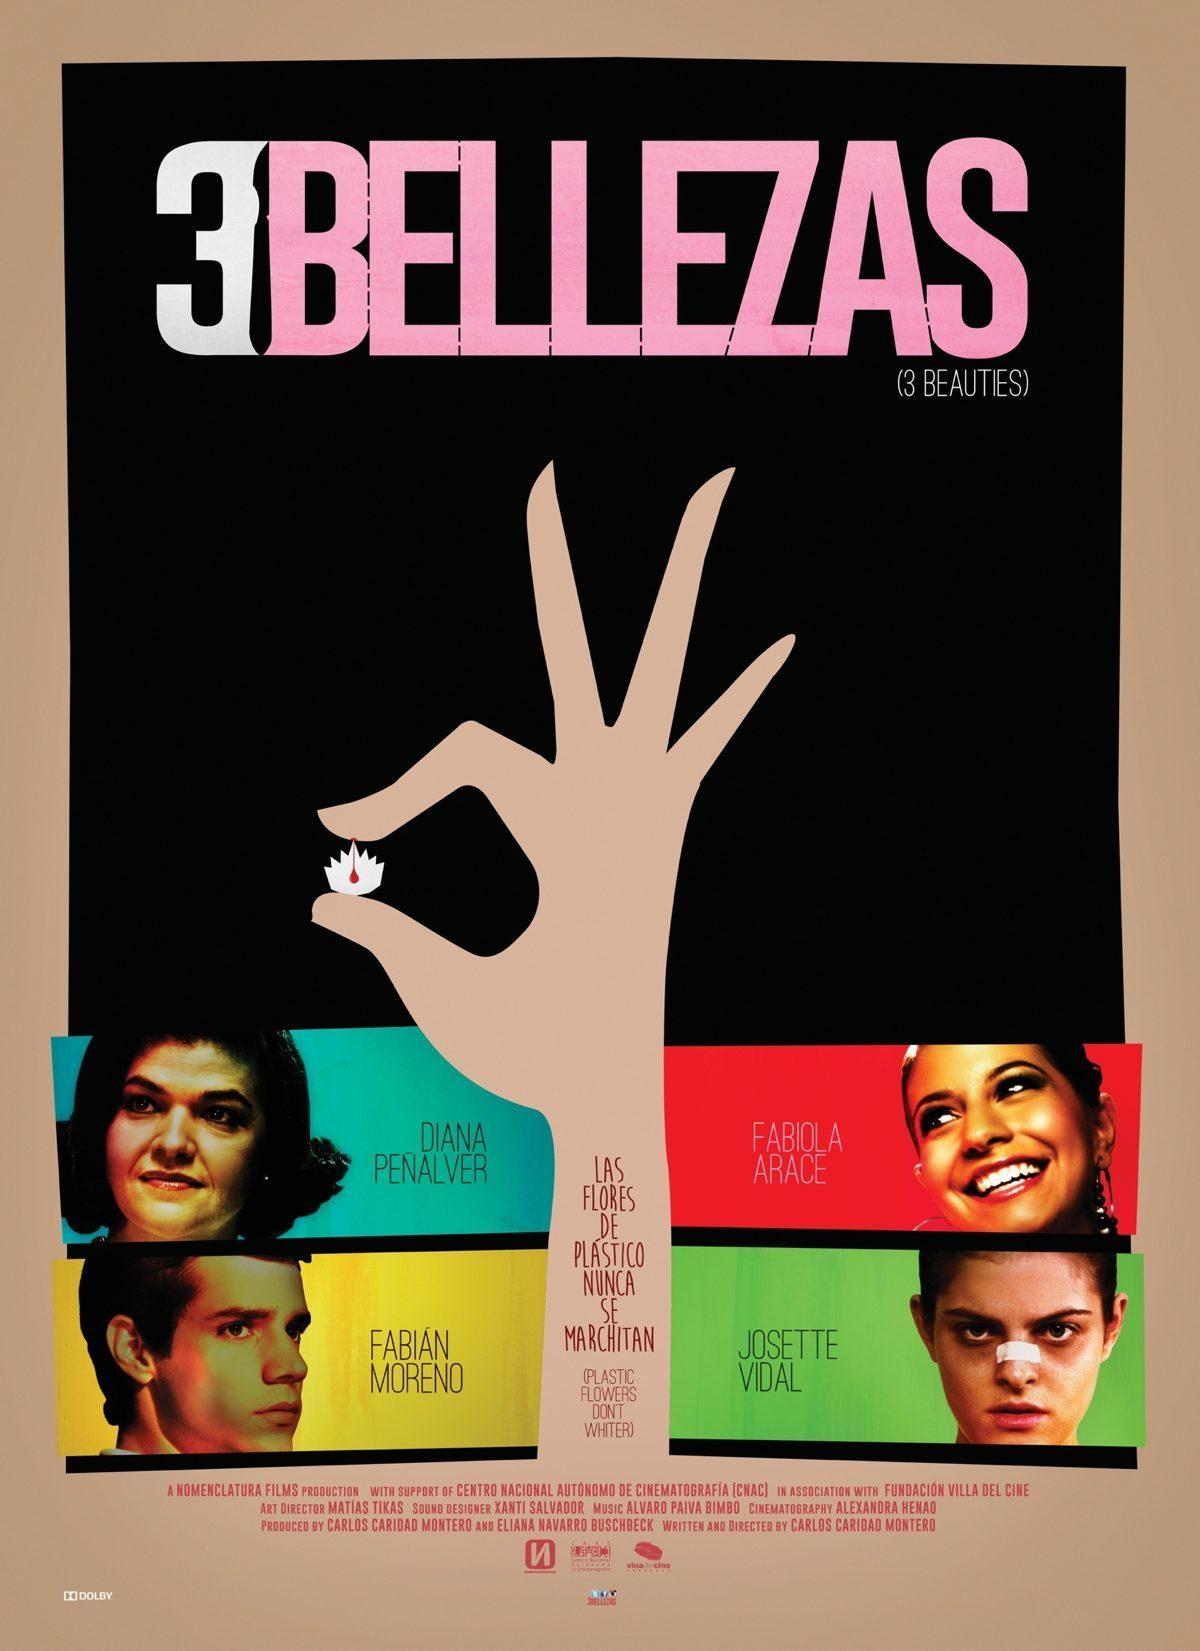 Imagini pentru 3 bellezas